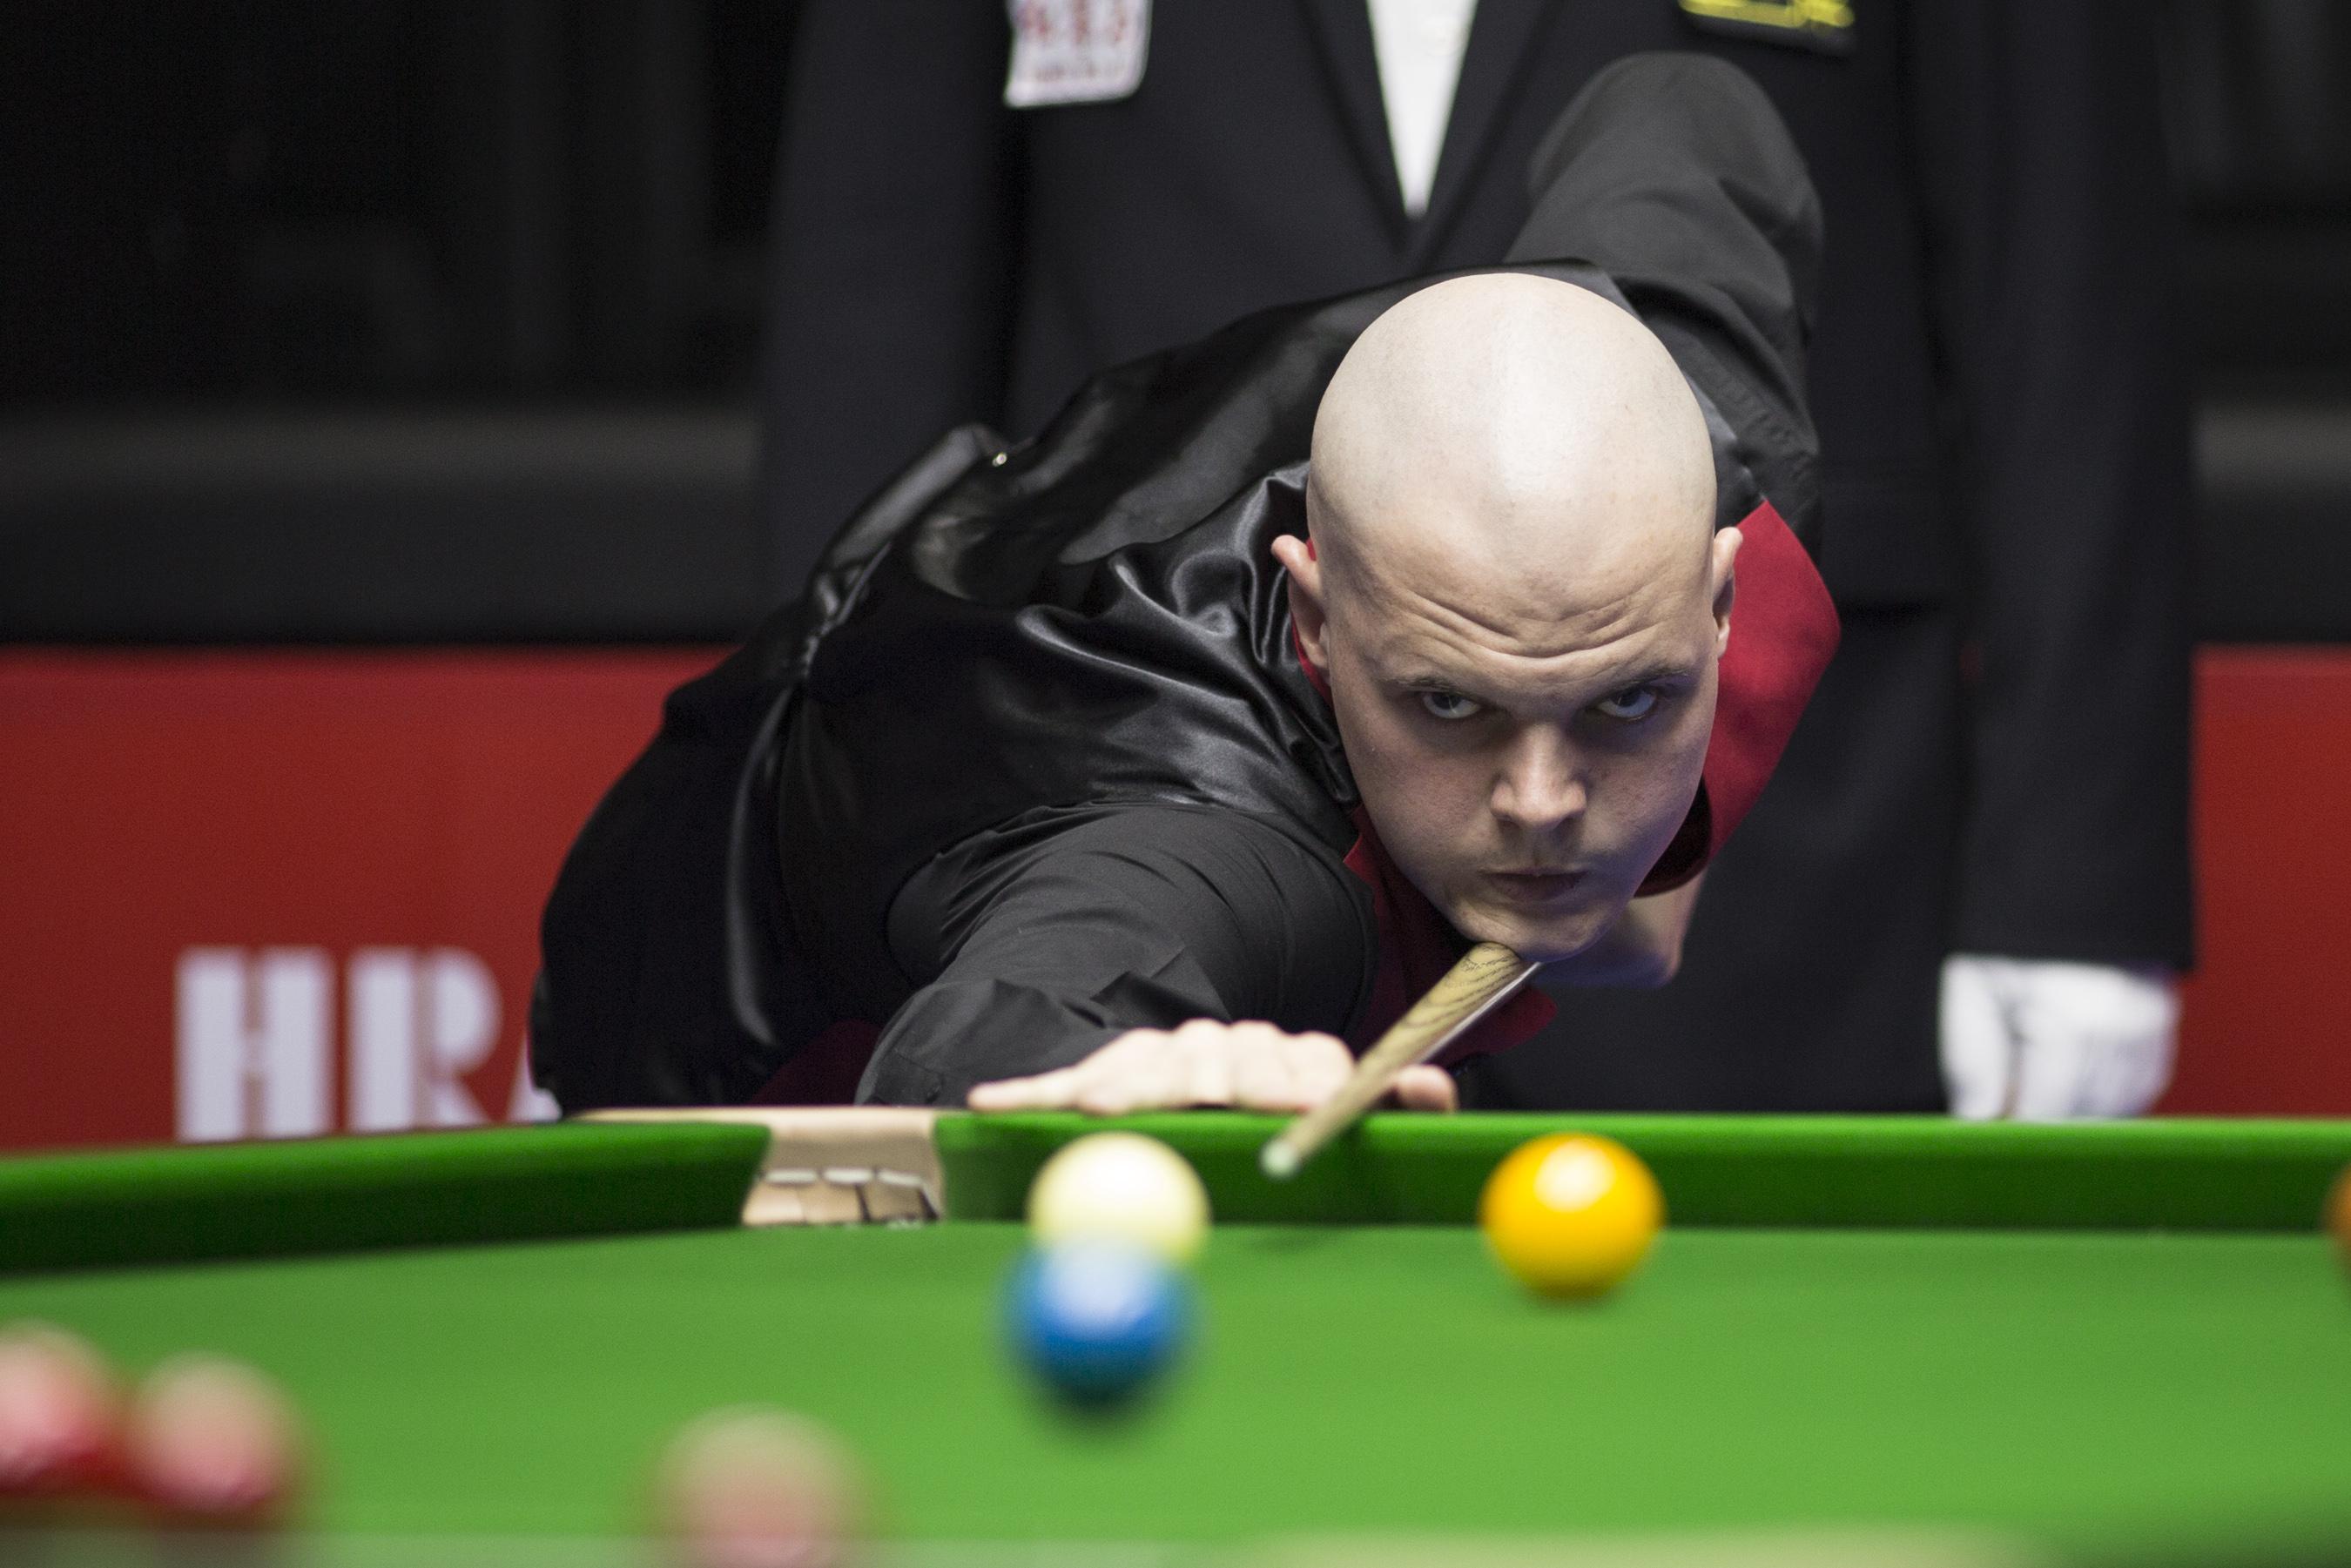 Snooker | Ronnie O'Sullivan